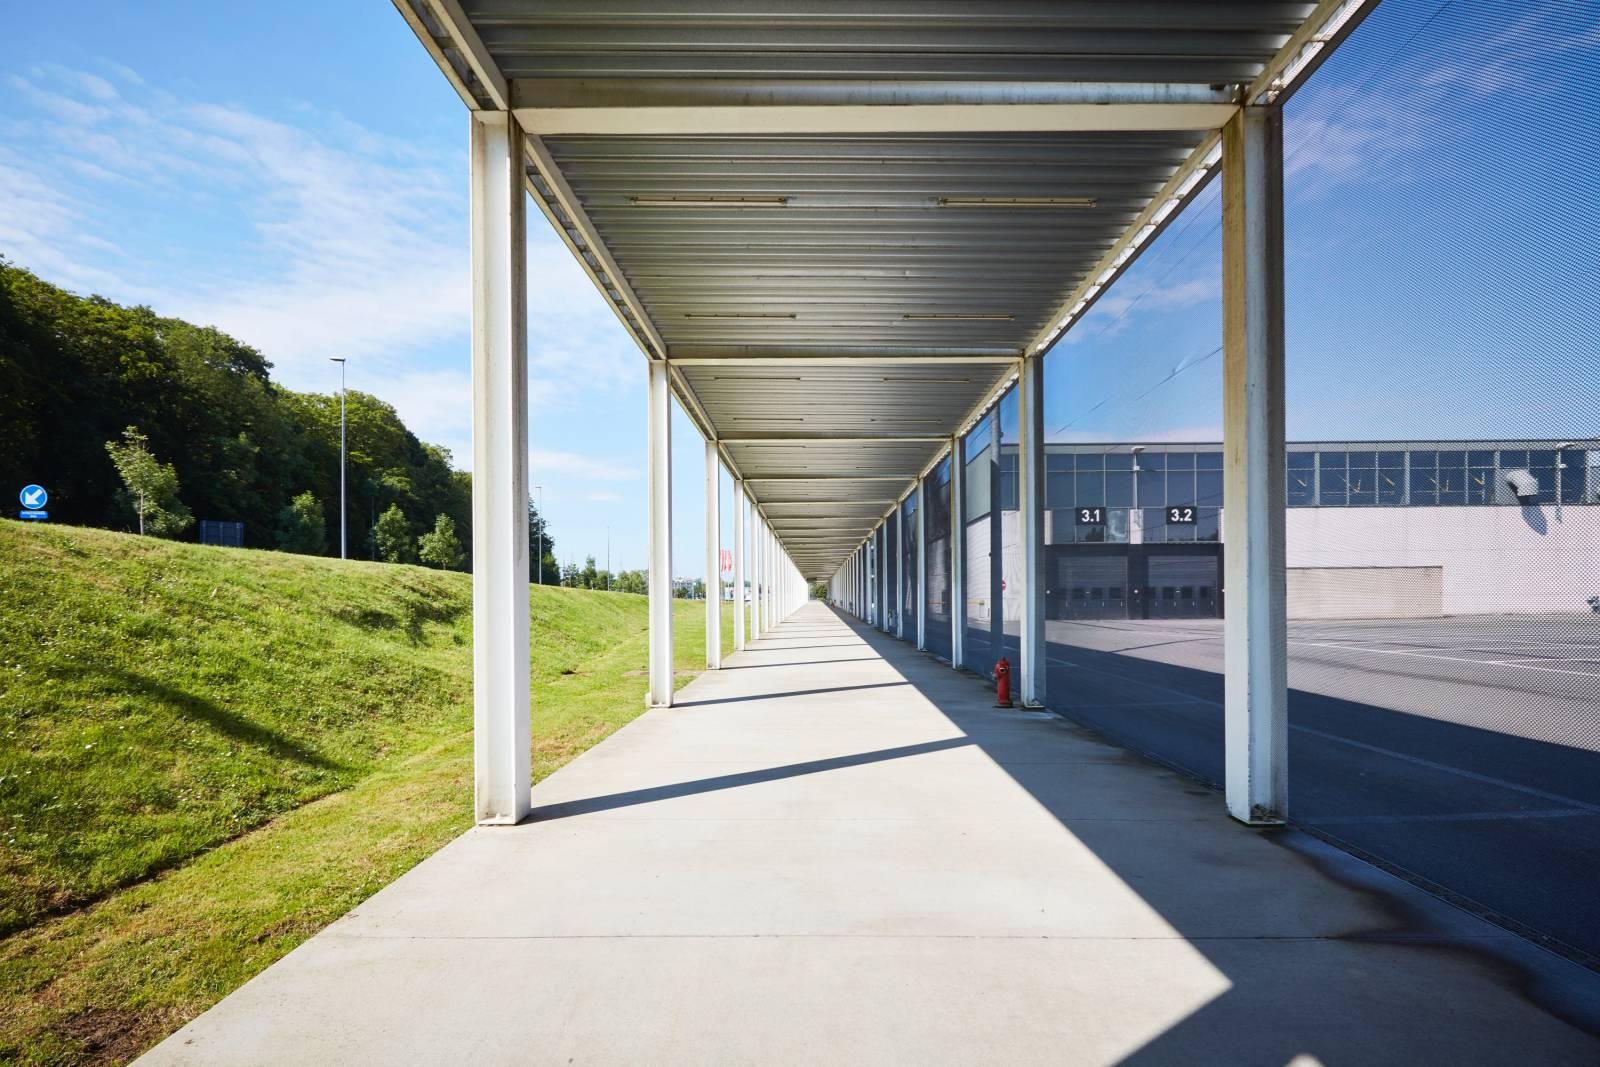 Kortrijk Xpo - Eventlocatie - Feestzaal - Kortrijk - Expohal - House of Events - 28